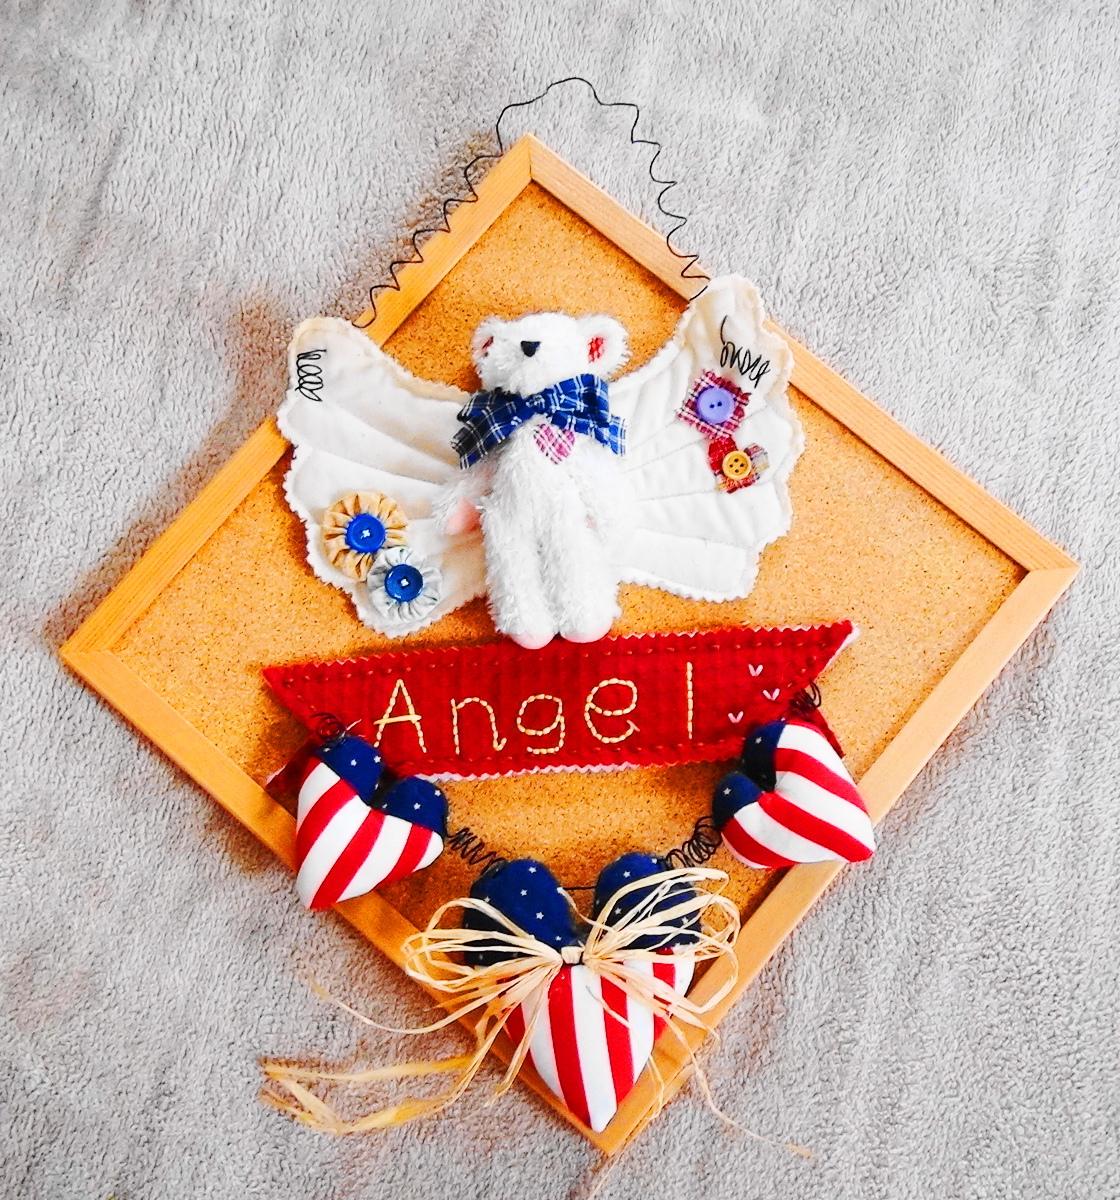 ハンドメイド木製 天使のくまさん壁掛けパネル ウッド調HANDMADE ANGEL 家のインテリアに 結婚式にも カントリー風ウェルカムボードにも_画像1